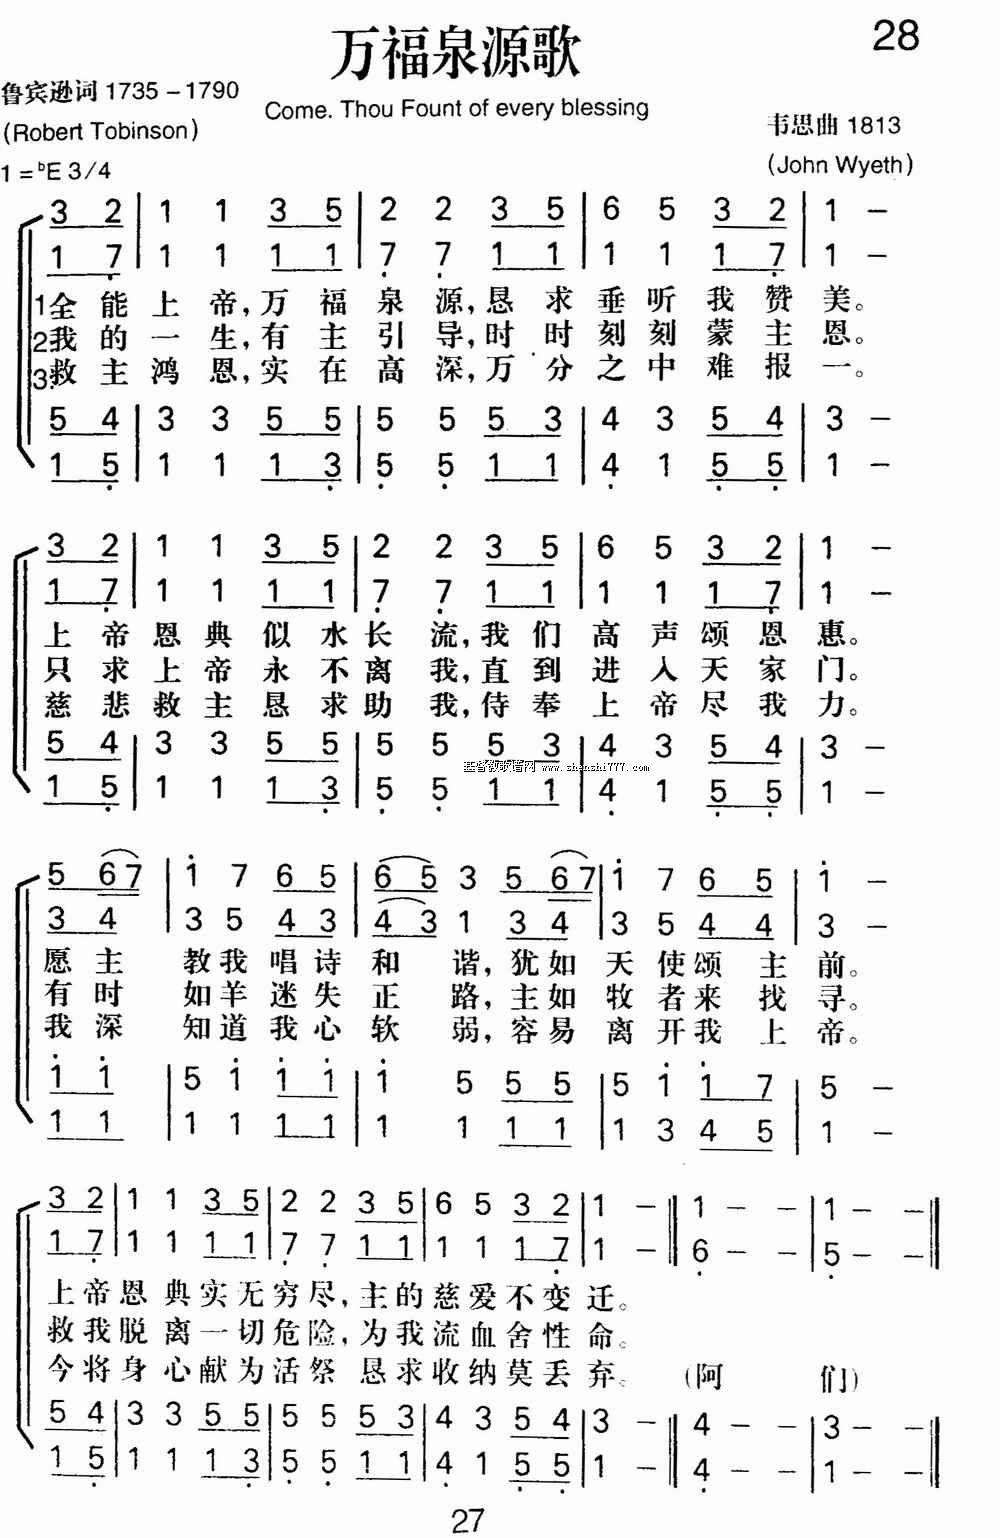 万福泉源歌基督教简谱网歌谱网